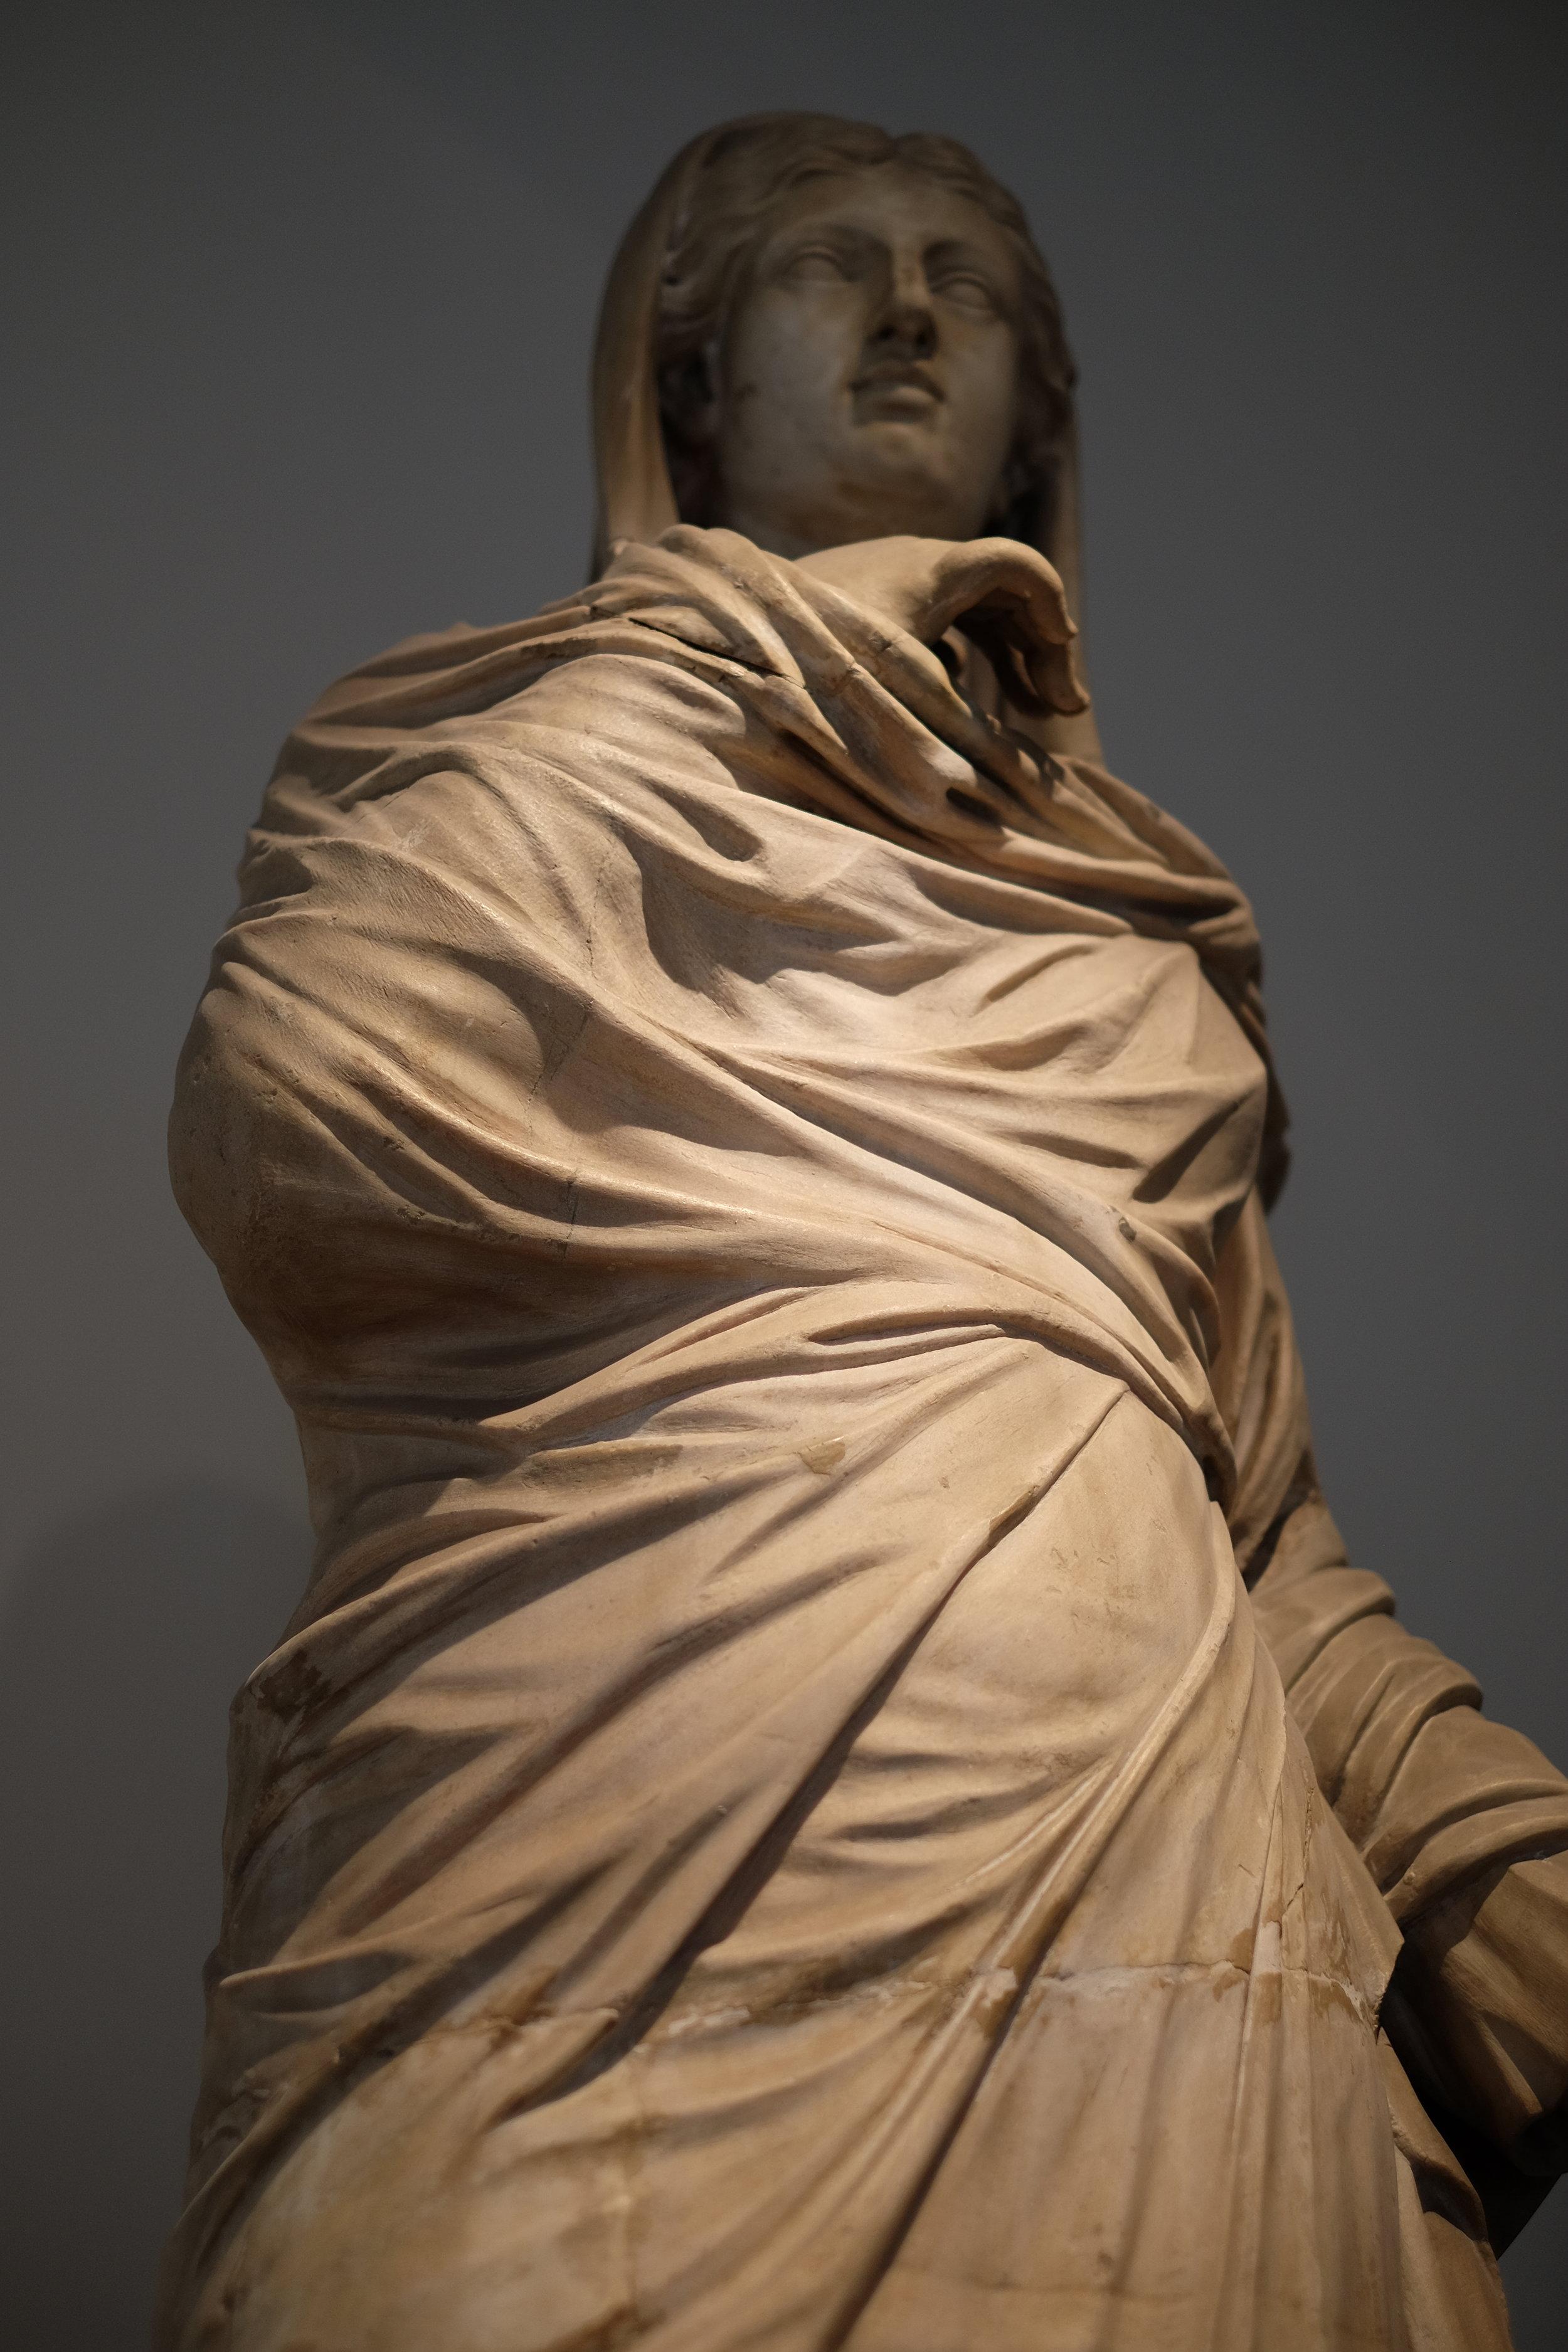 A statue found in the Villa dei Papiri.